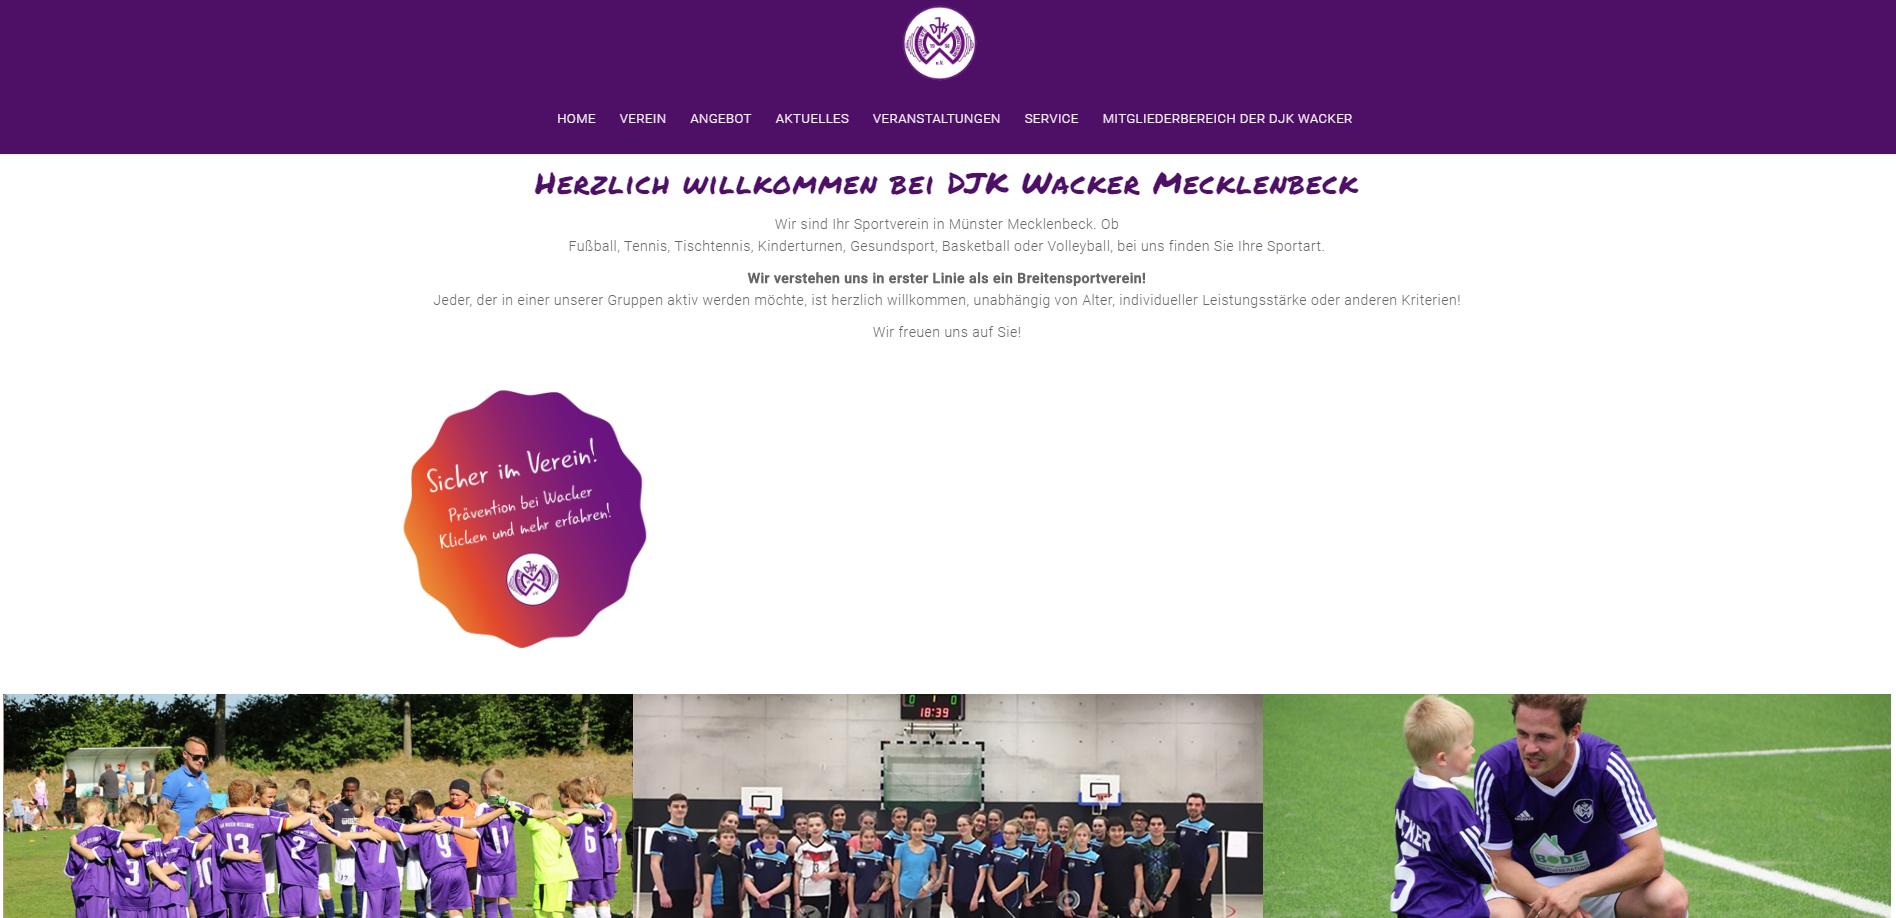 Wacker Mecklenbeck im neuen Gesicht